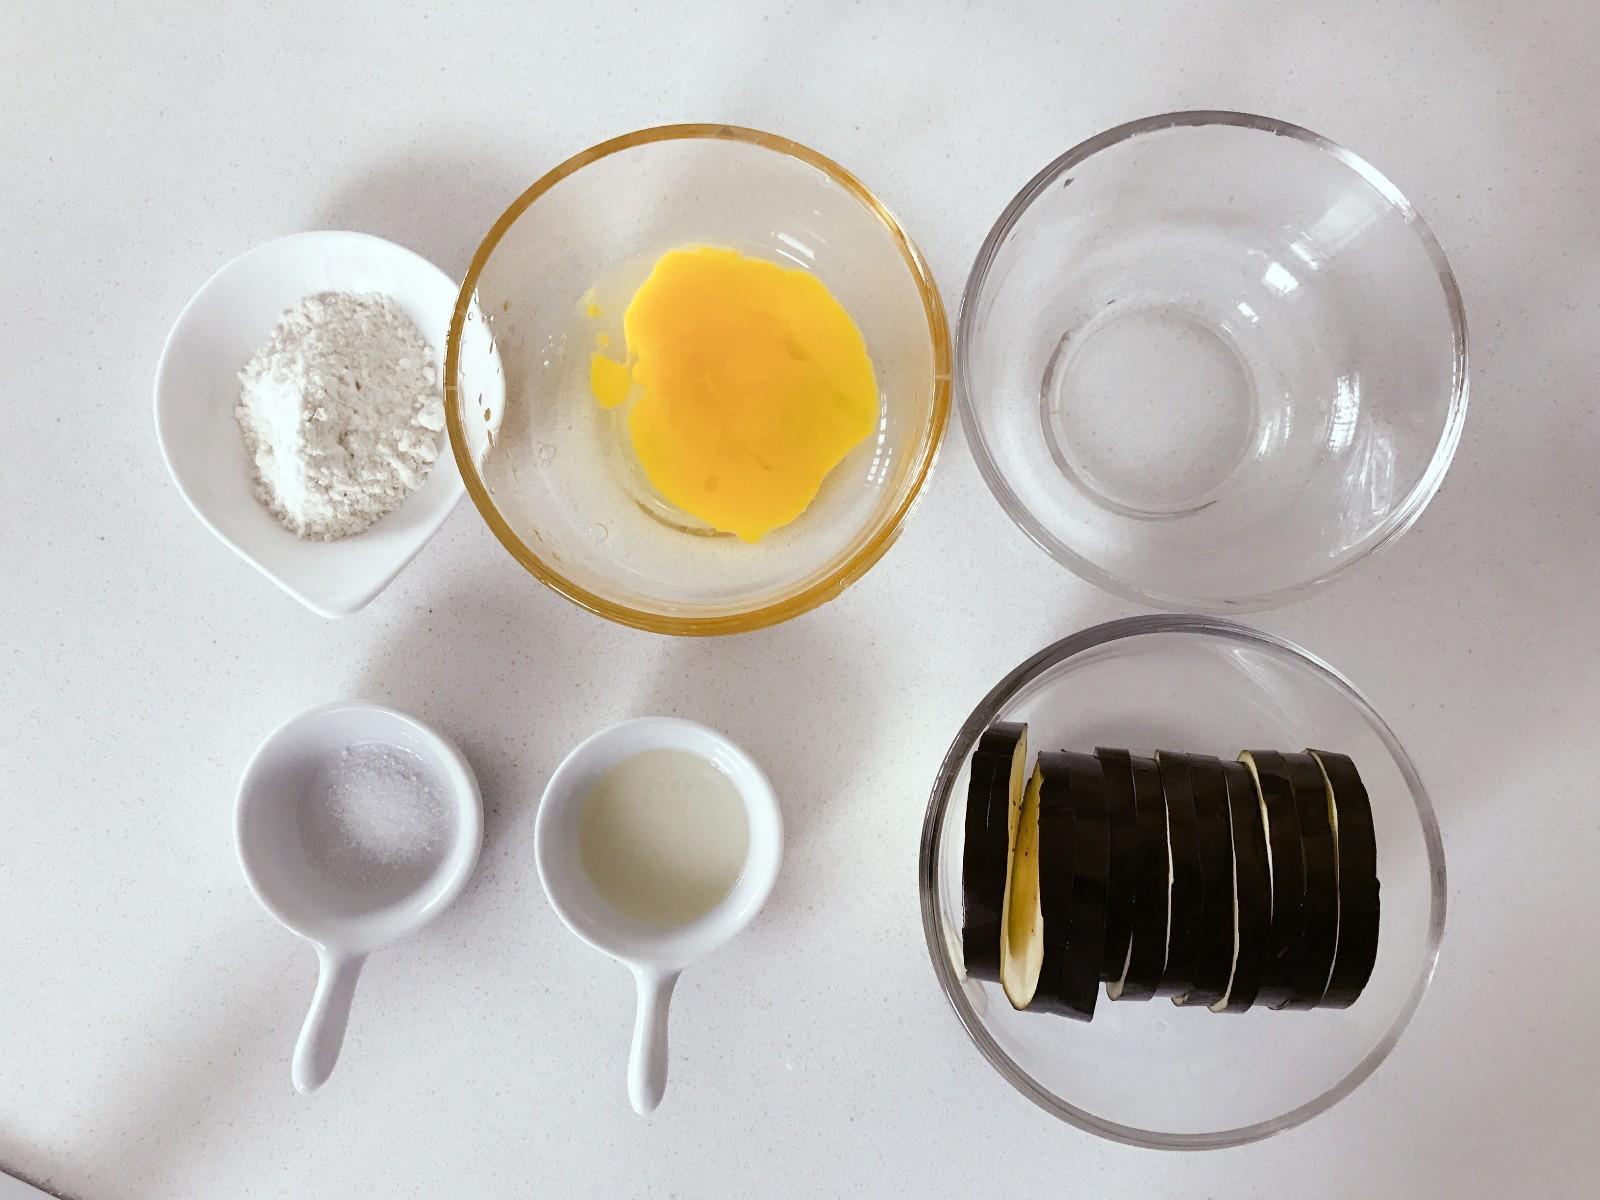 宝宝辅食:香香软嫩的茄子馍,快手美味,宝宝吃不够!12M+</p> <p>,准备好所有食材,将茄子洗净切成薄片,大概0.5cm左右。</p> <p>》可以把茄子泡在水里,可避免发黑。